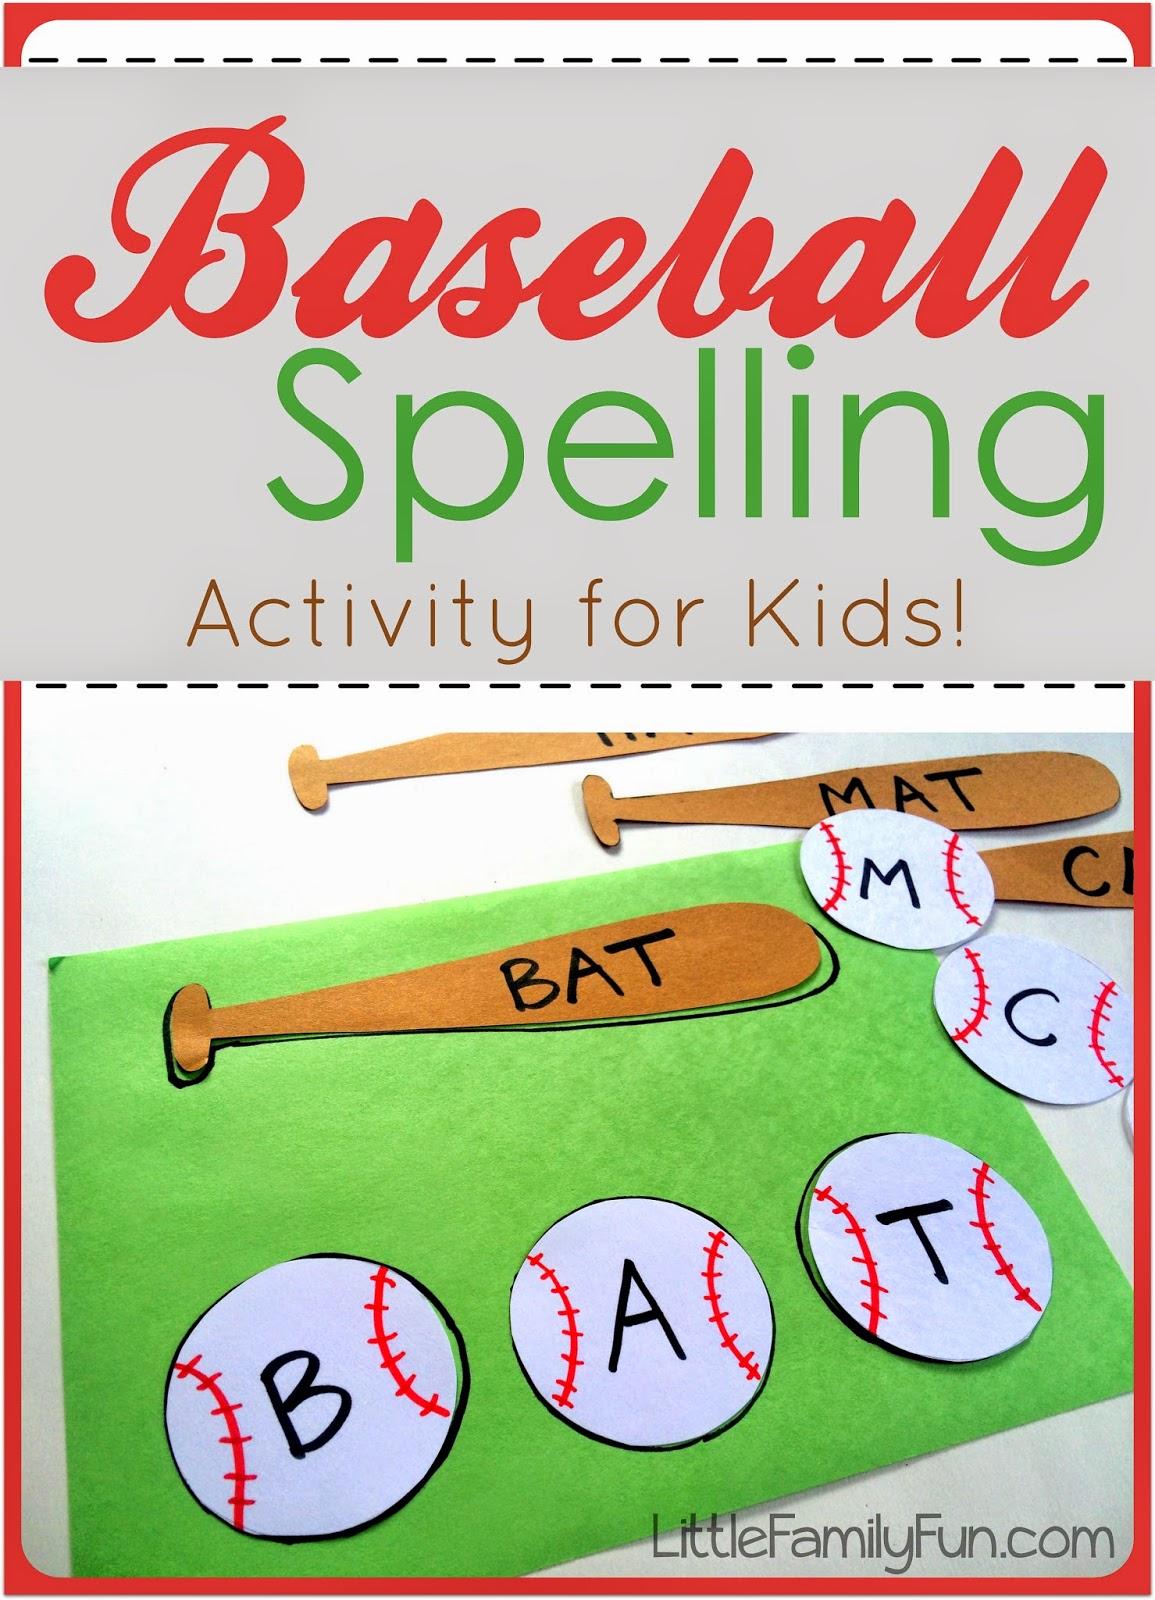 Baseball Spelling